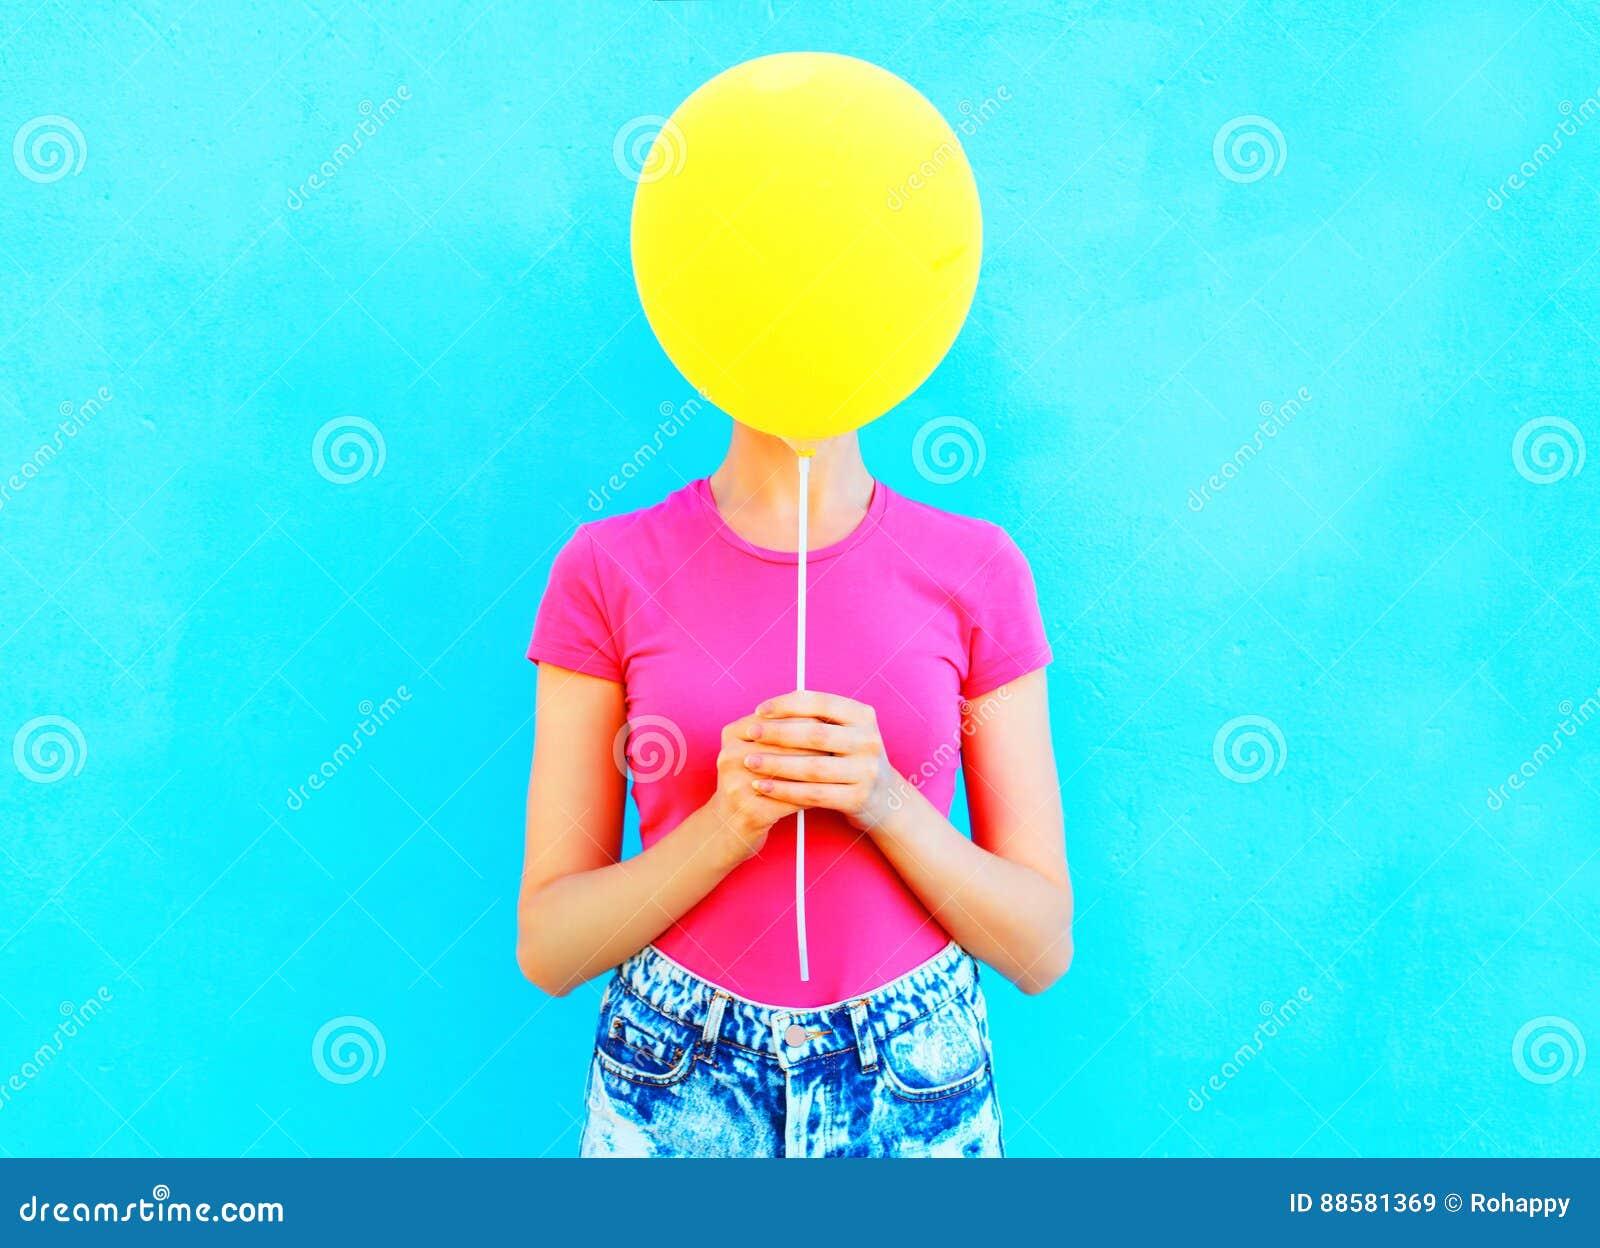 Ballong för luft för guling för framsida för nederlag för kvinna för Ð-¡ som olorful har gyckel över blått